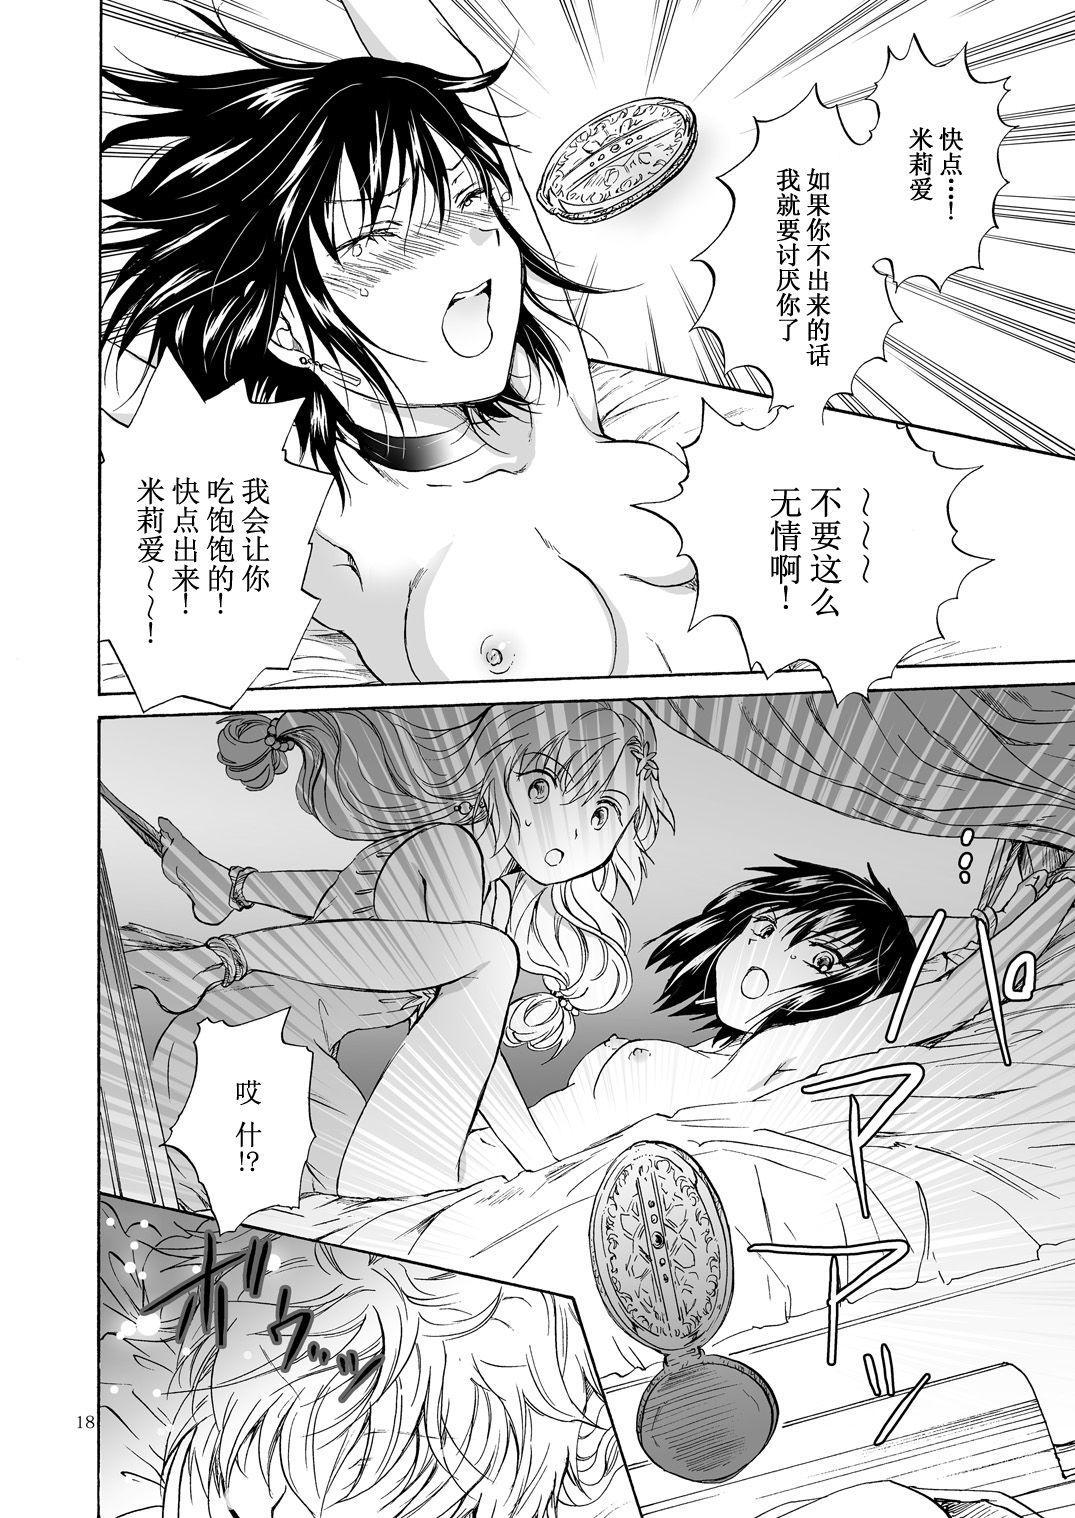 Goshujin-sama Daisuki! 17